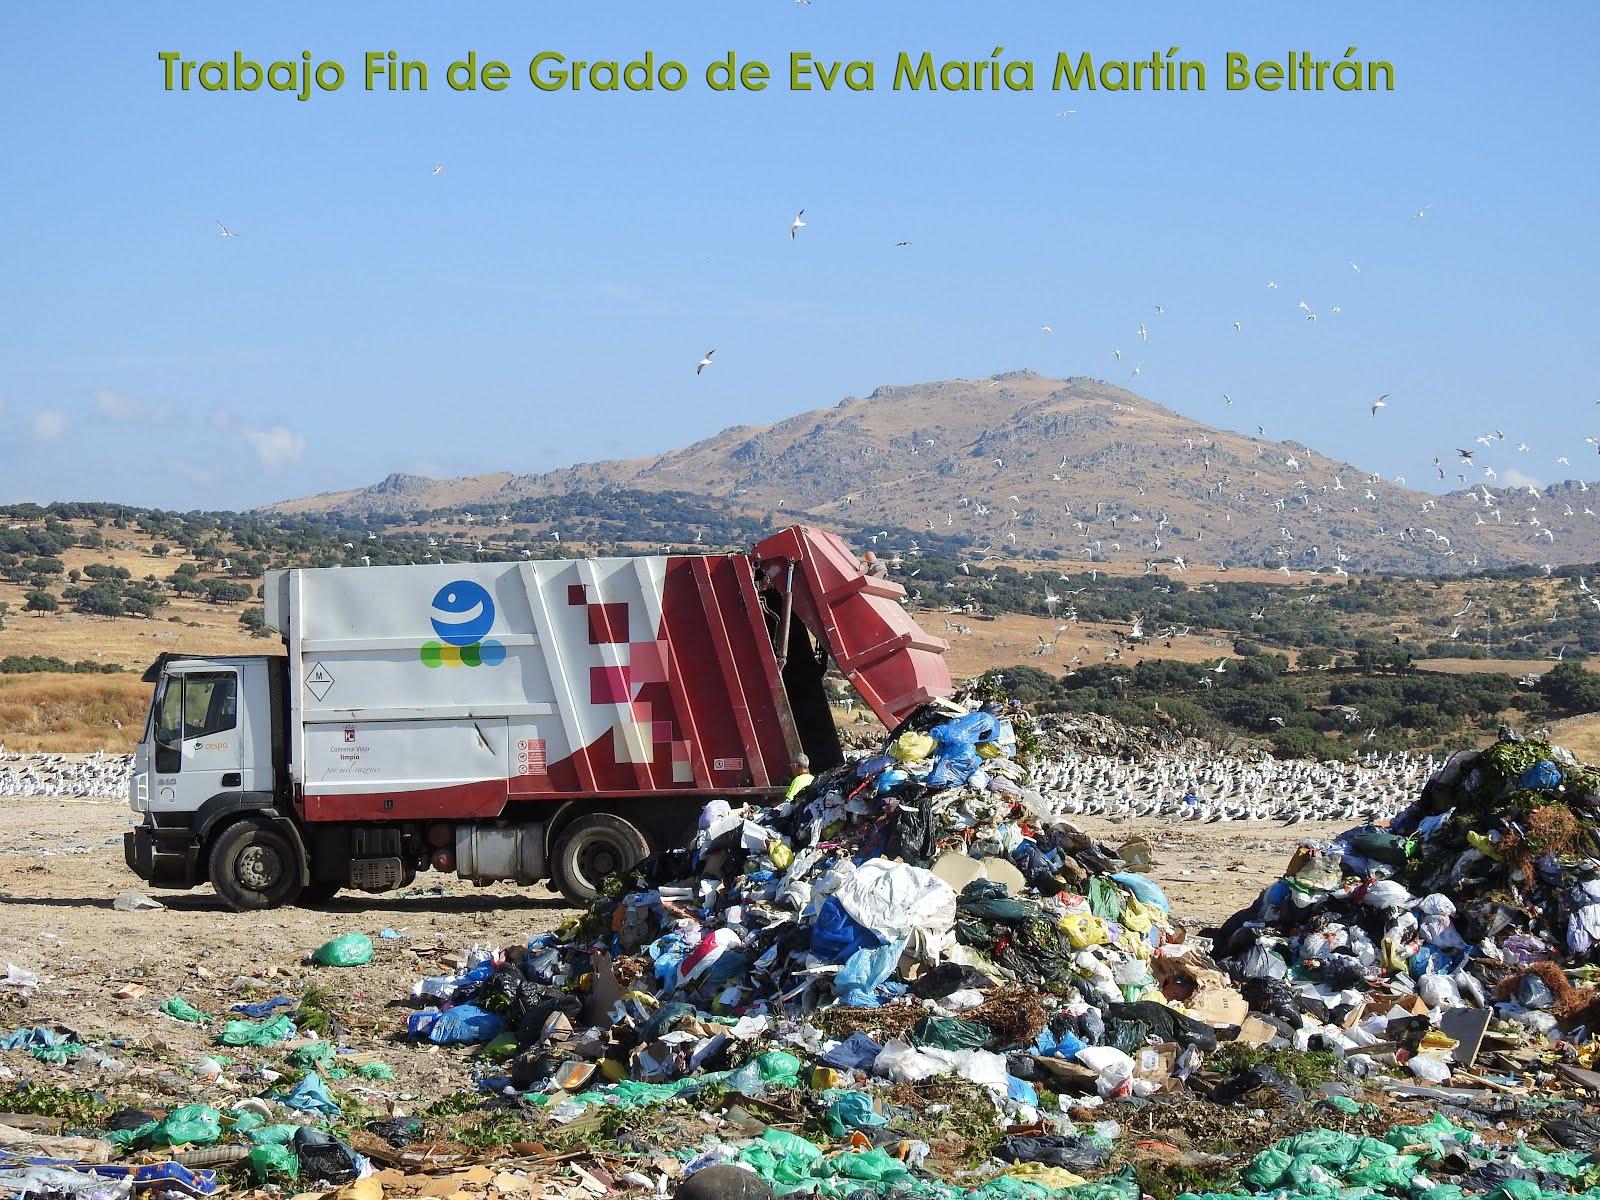 Trabajo Fin de Grado de Eva María Martín Beltrán